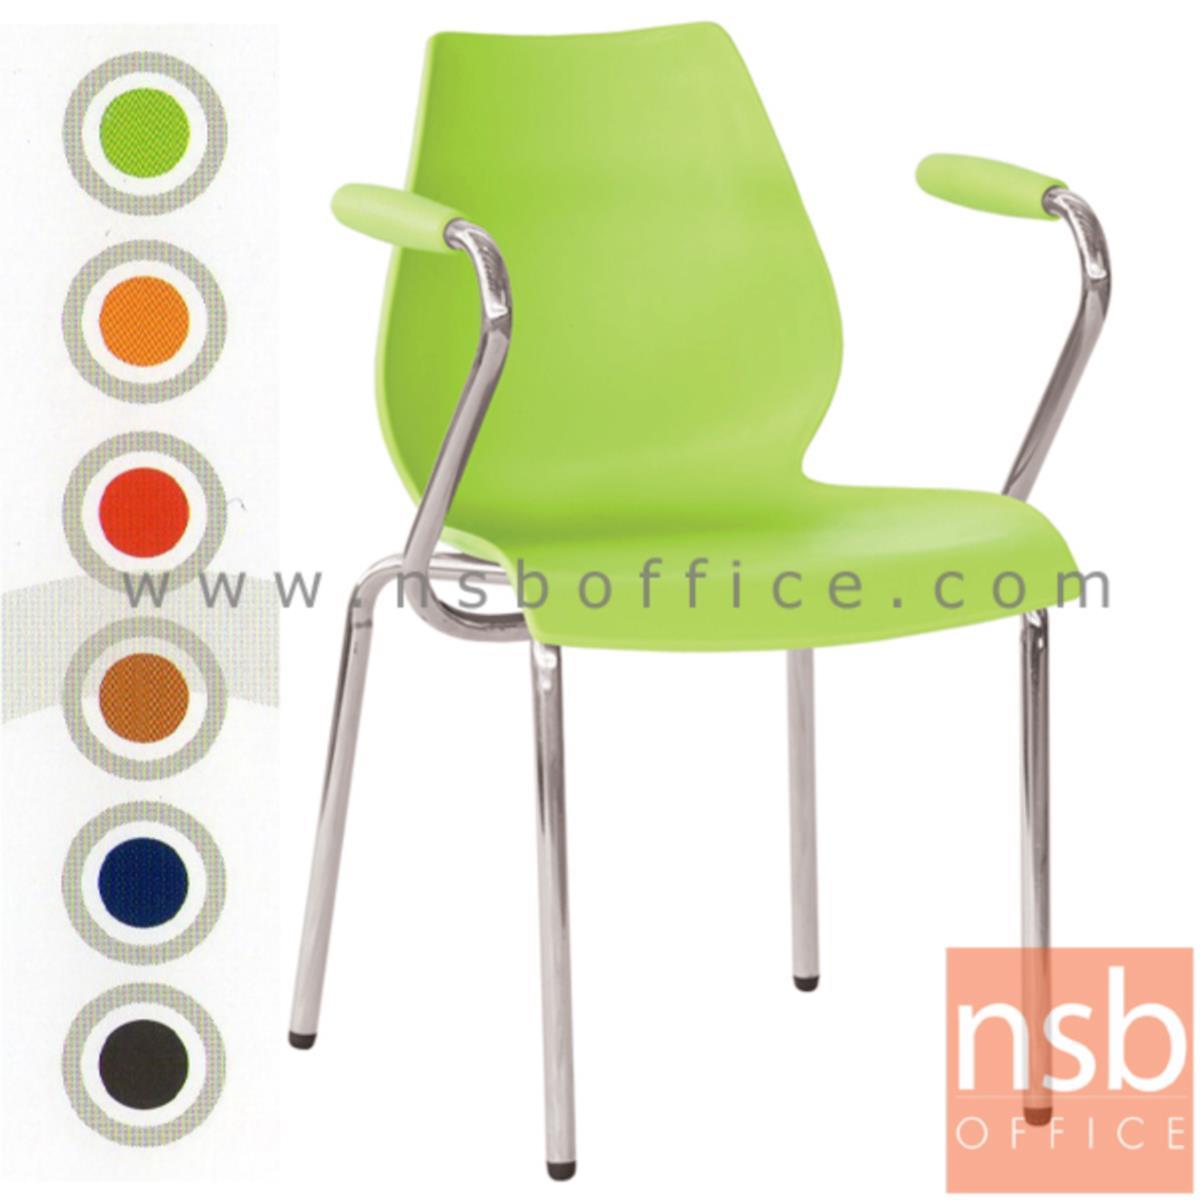 เก้าอี้อเนกประสงค์เฟรมโพลี่ รุ่น B108  ขาเหล็กชุบโครเมี่ยม